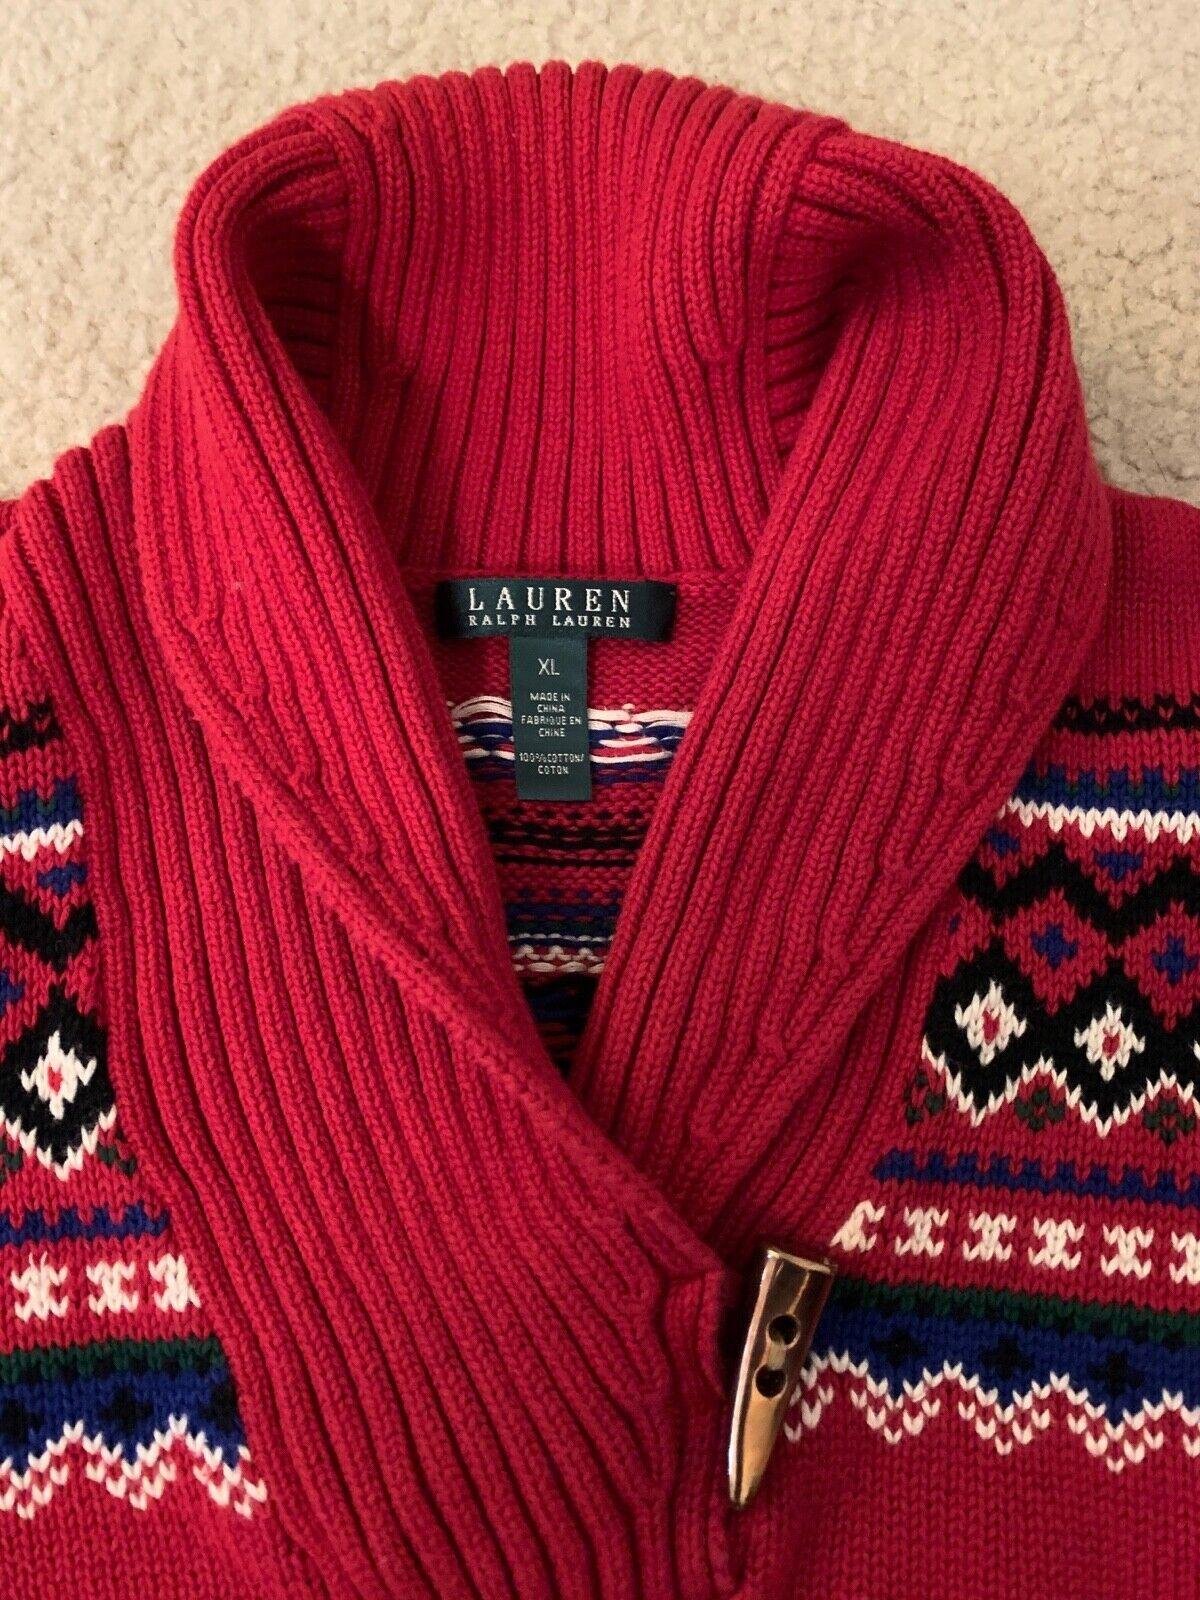 Lauren Ralph Lauren Classic Red Sweater - image 2